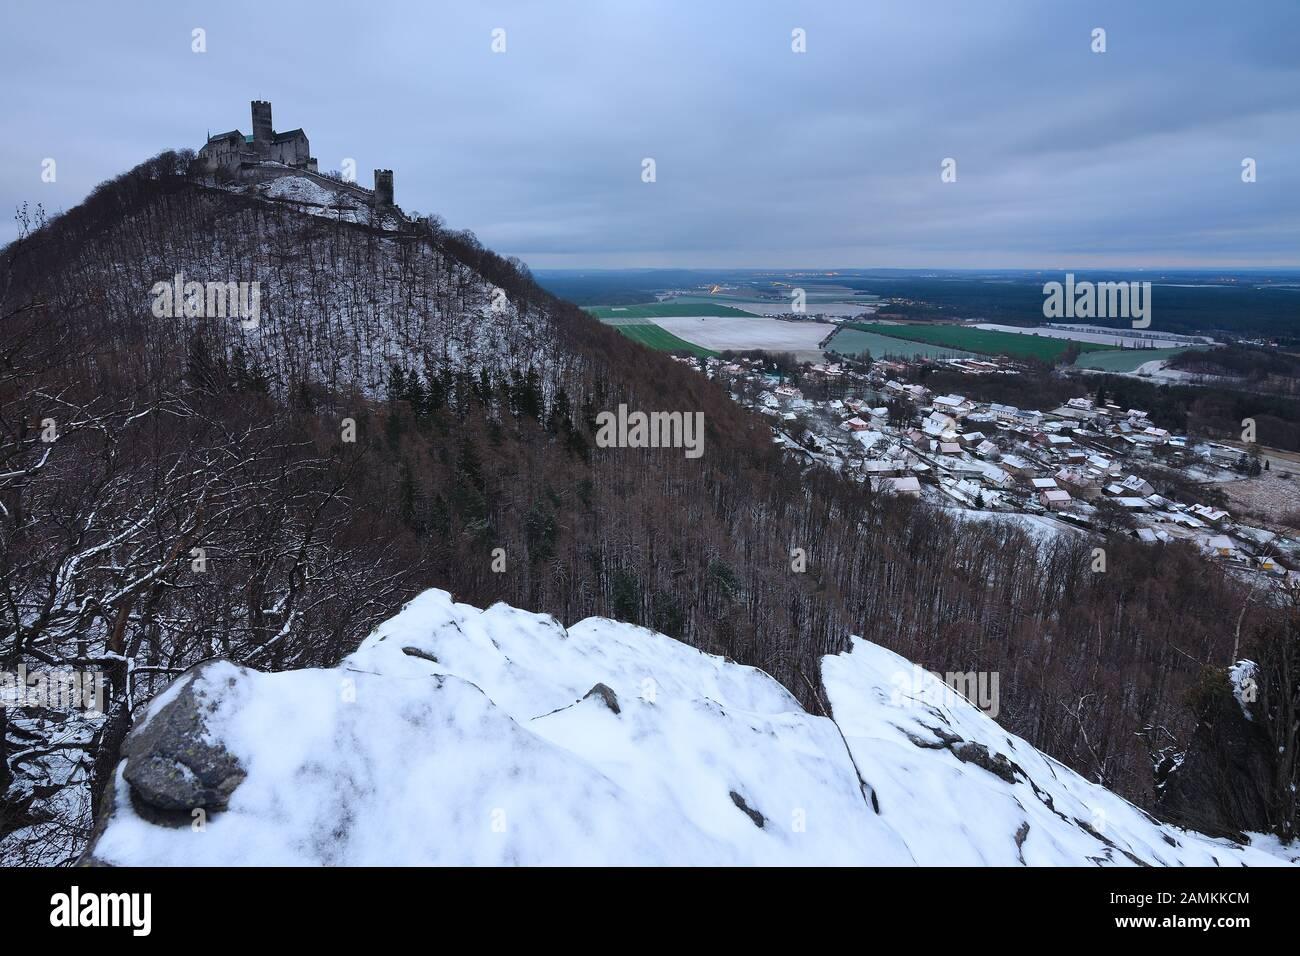 Temporada de invierno en las rocas en el castillo de Bezdez.. Paisaje de invierno azul, bosque de árboles con nieve, hielo y ríme. Foto de stock